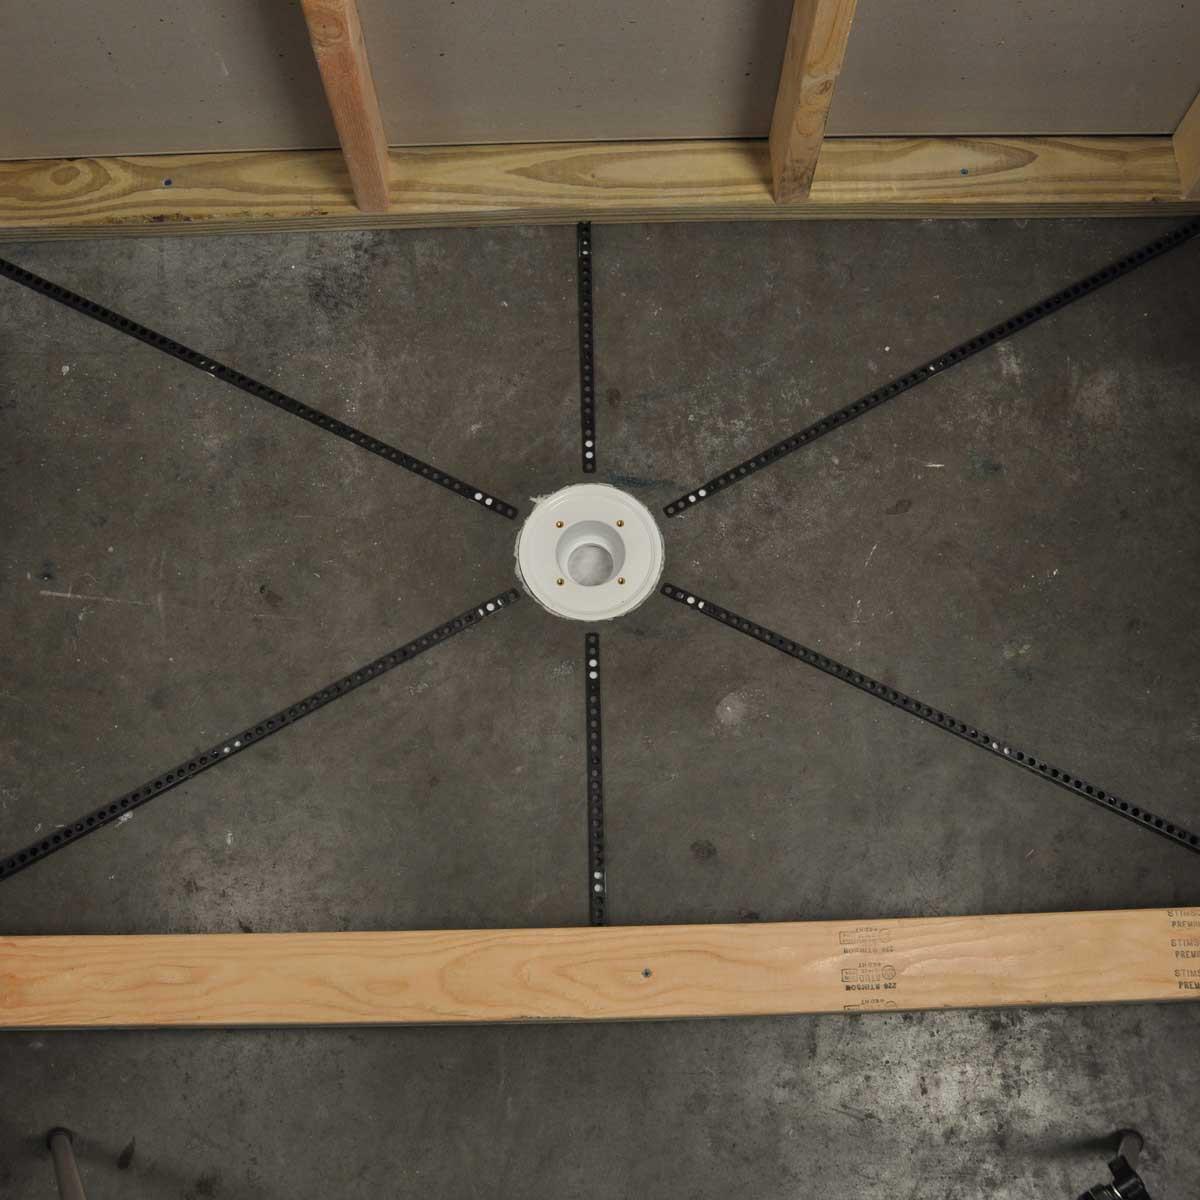 Mud Floor 3 in 1 Standard Shower Kit